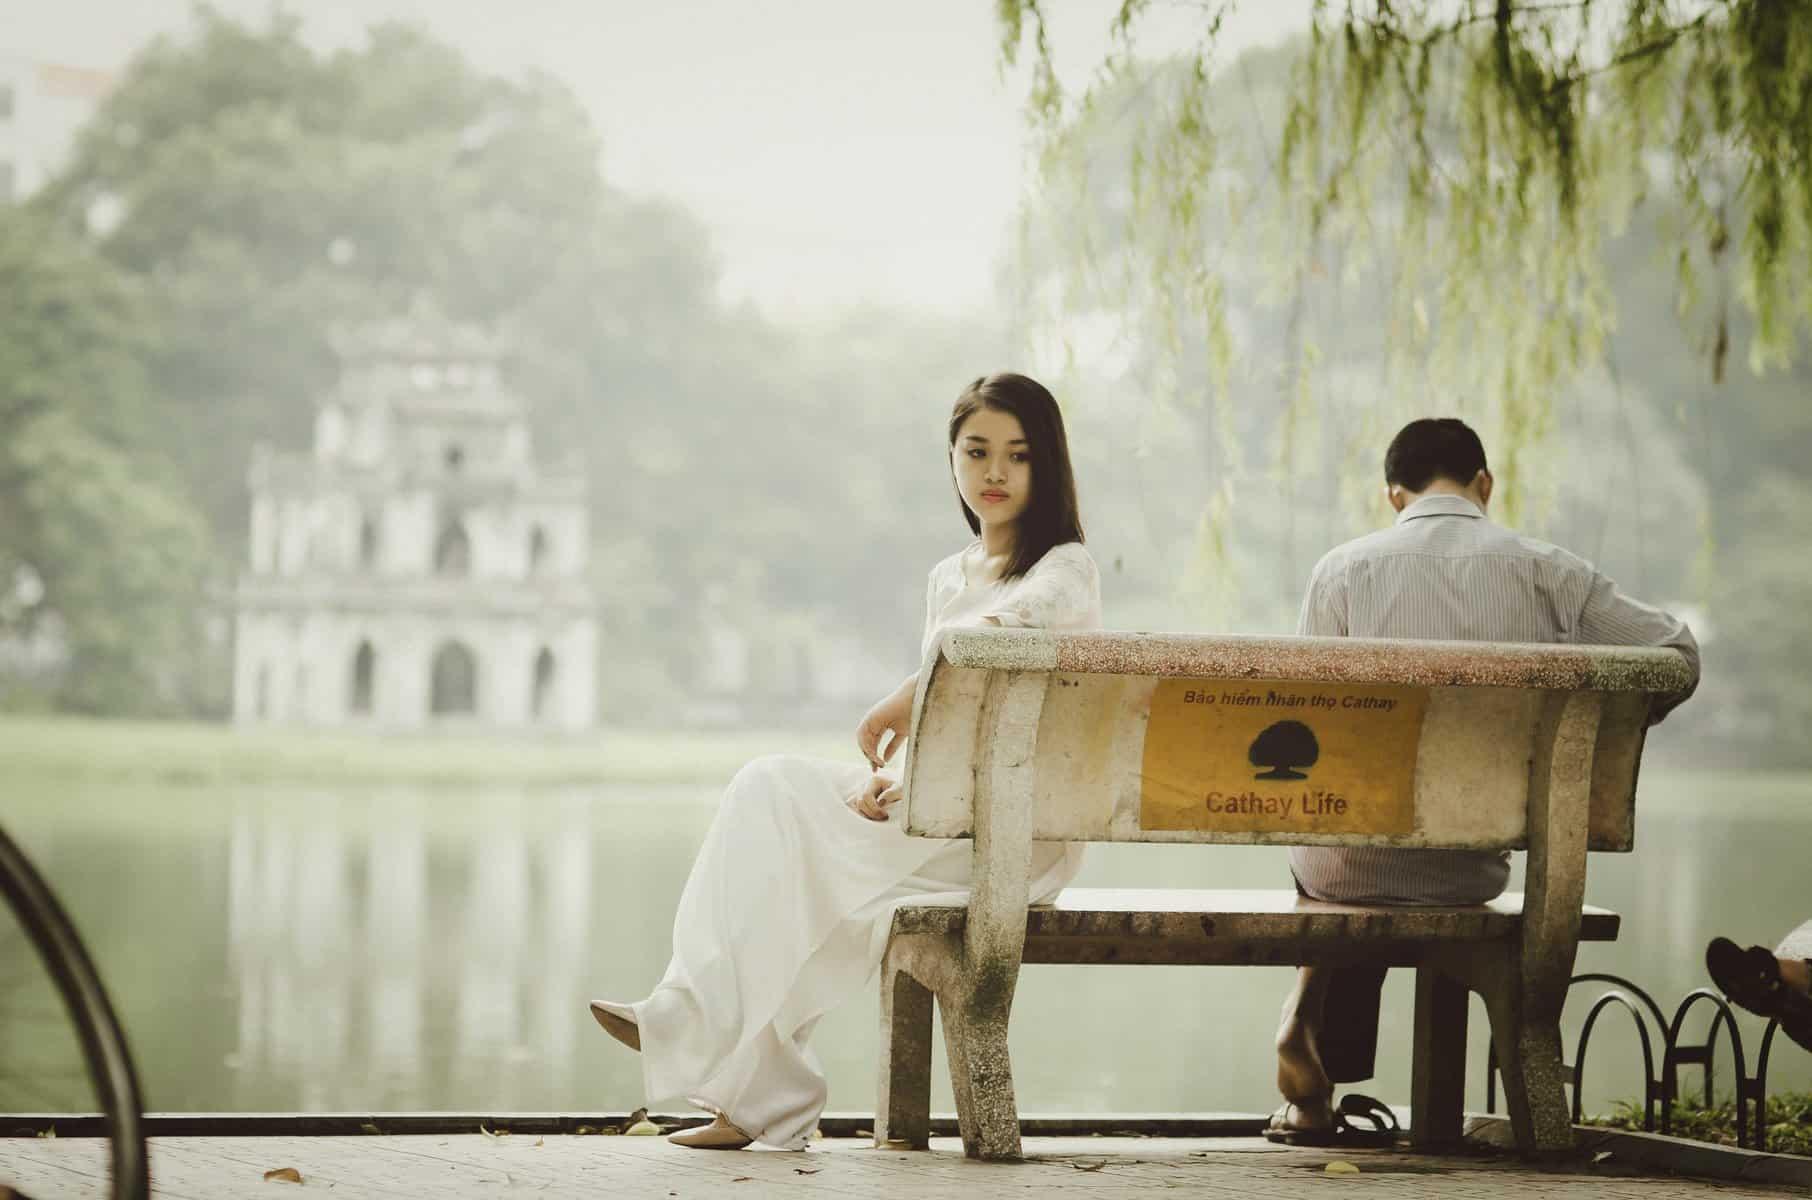 Casal sentado separadamente em banco no parque